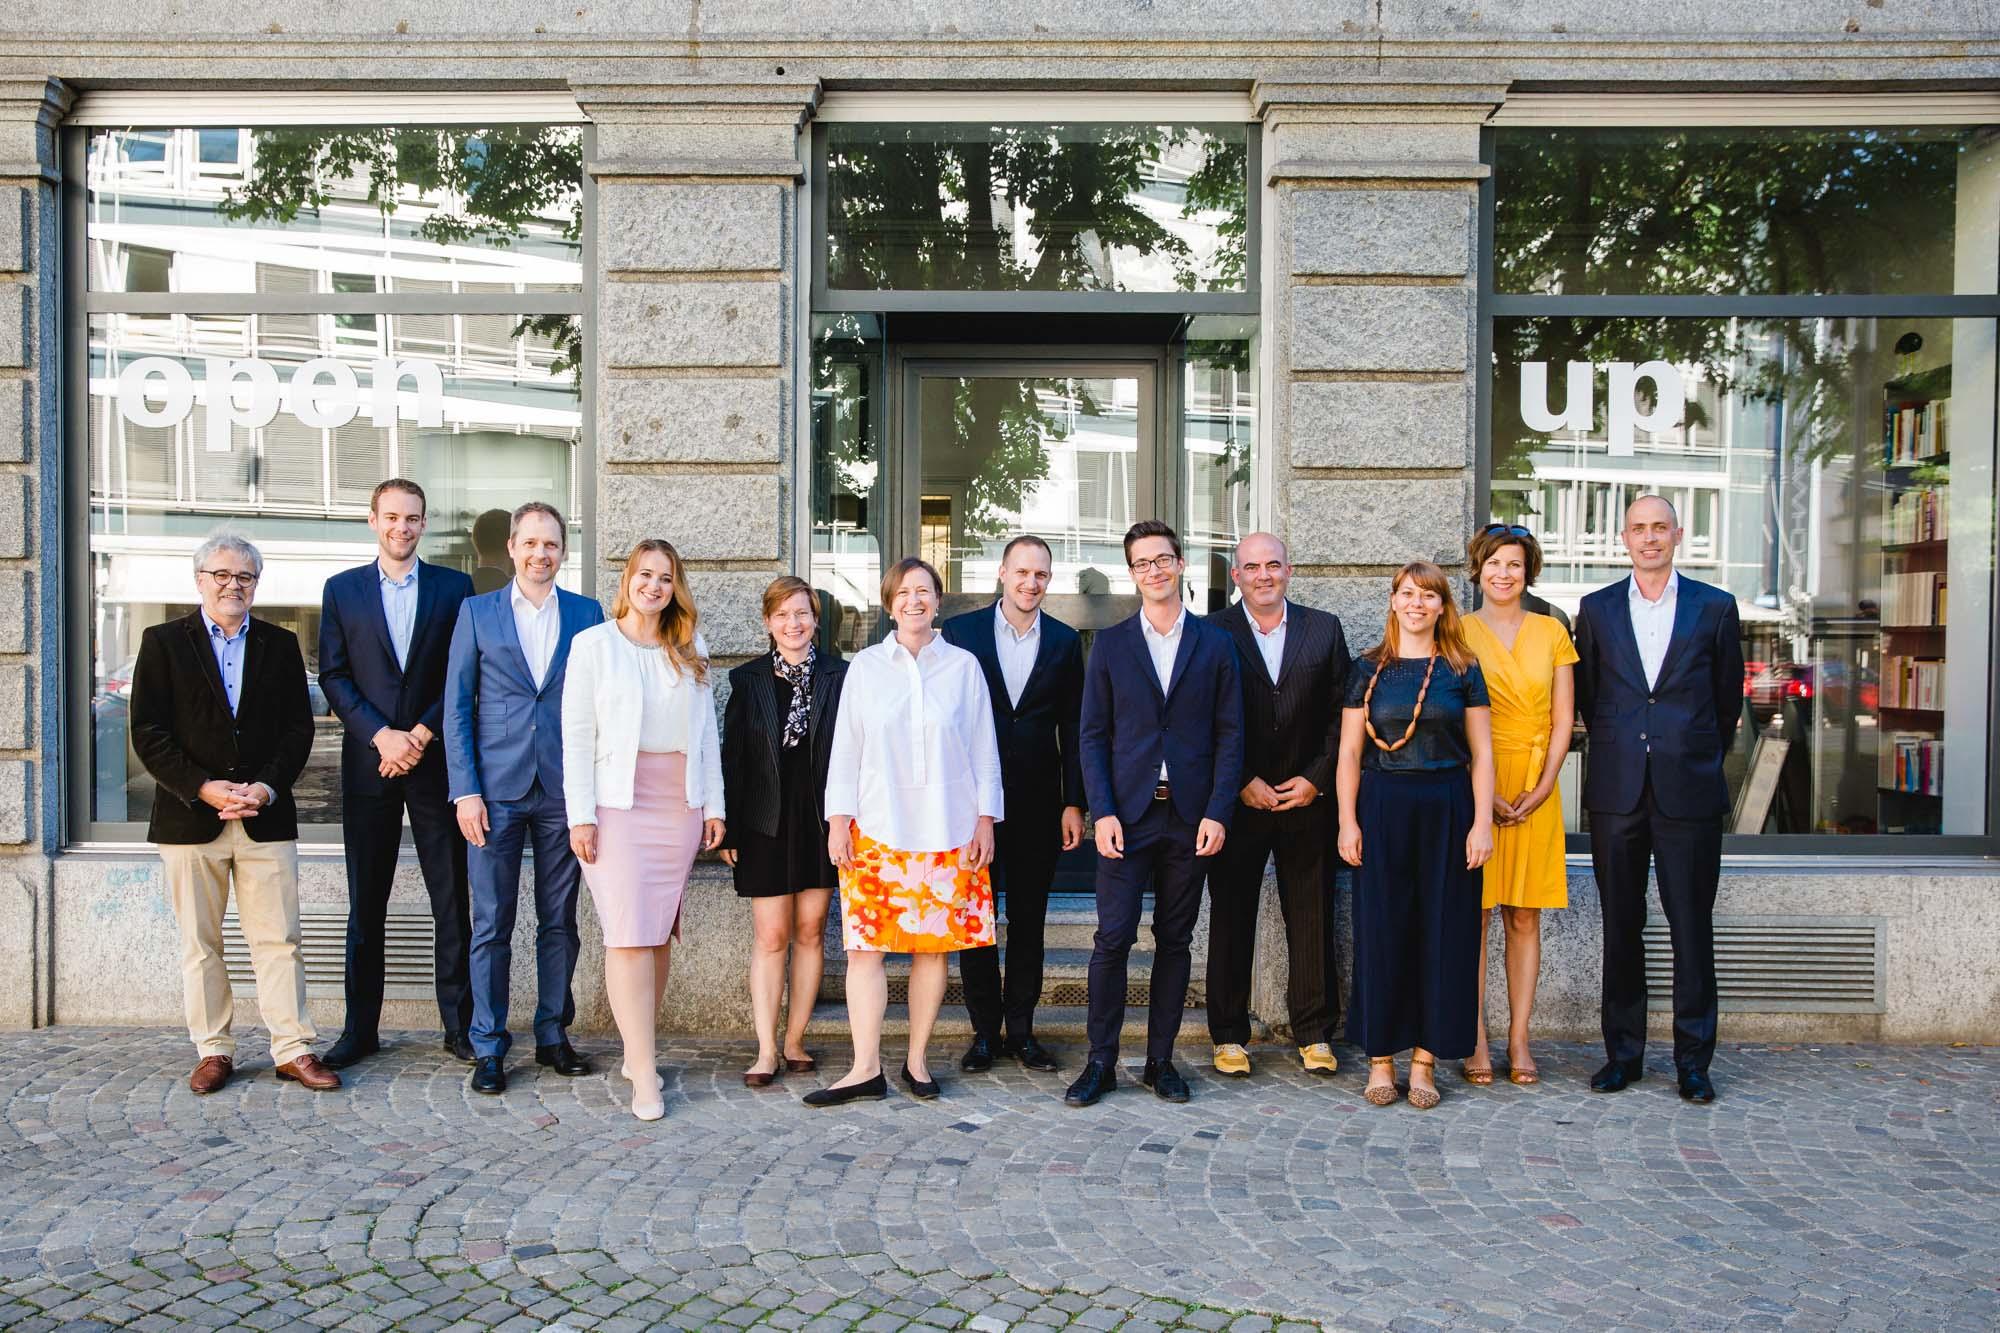 The open up Team: Urs Thaler, Mario Schuler, Patrick Preuss, Ramilya Iftodi, Nicole Merkel, Melanie Schneider, Lukas Mettler, Robert Reinecke, Diego